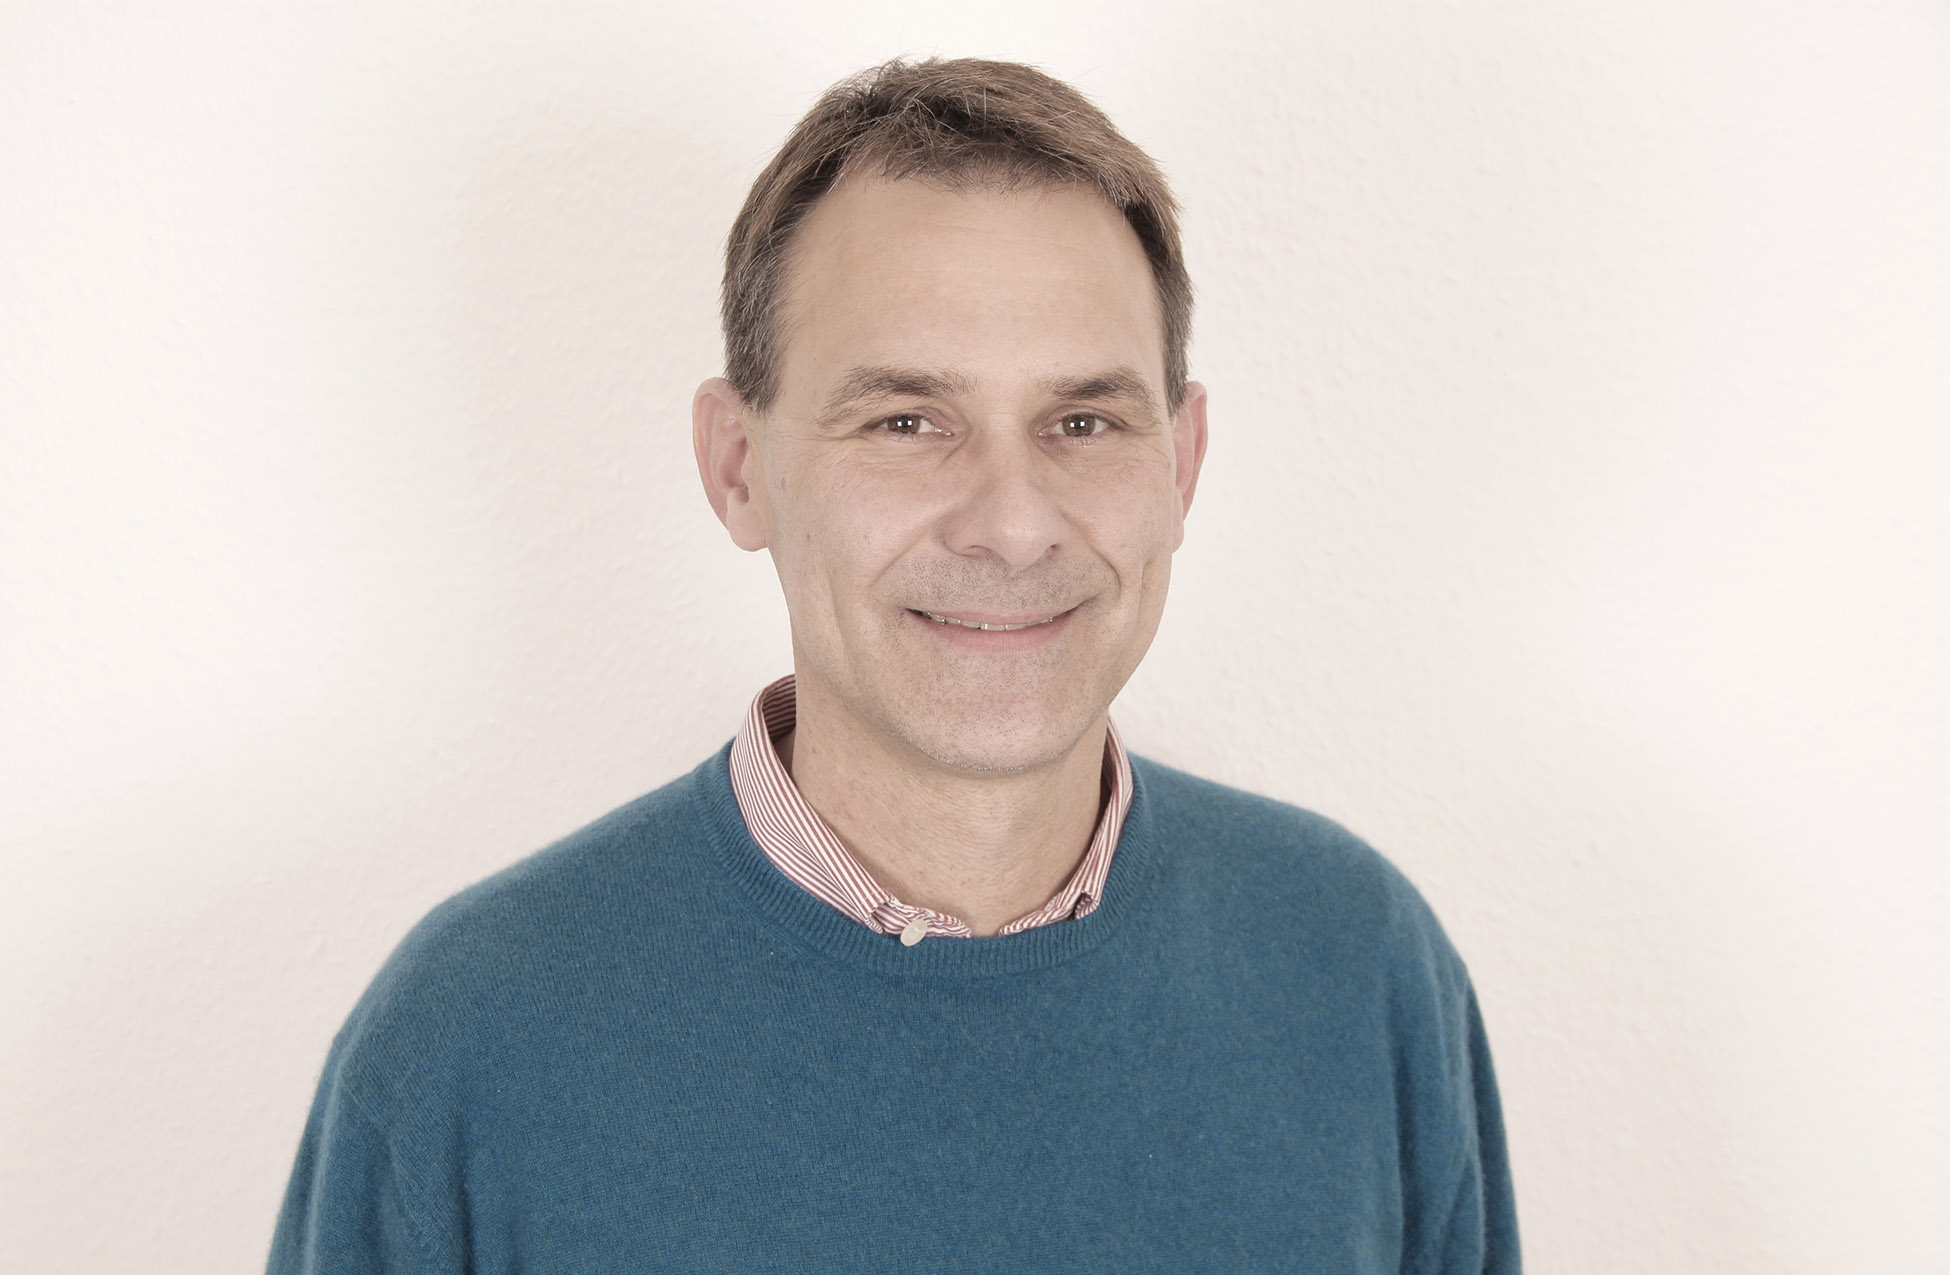 Moosacher Augenarzt Dr. Hohlfelder